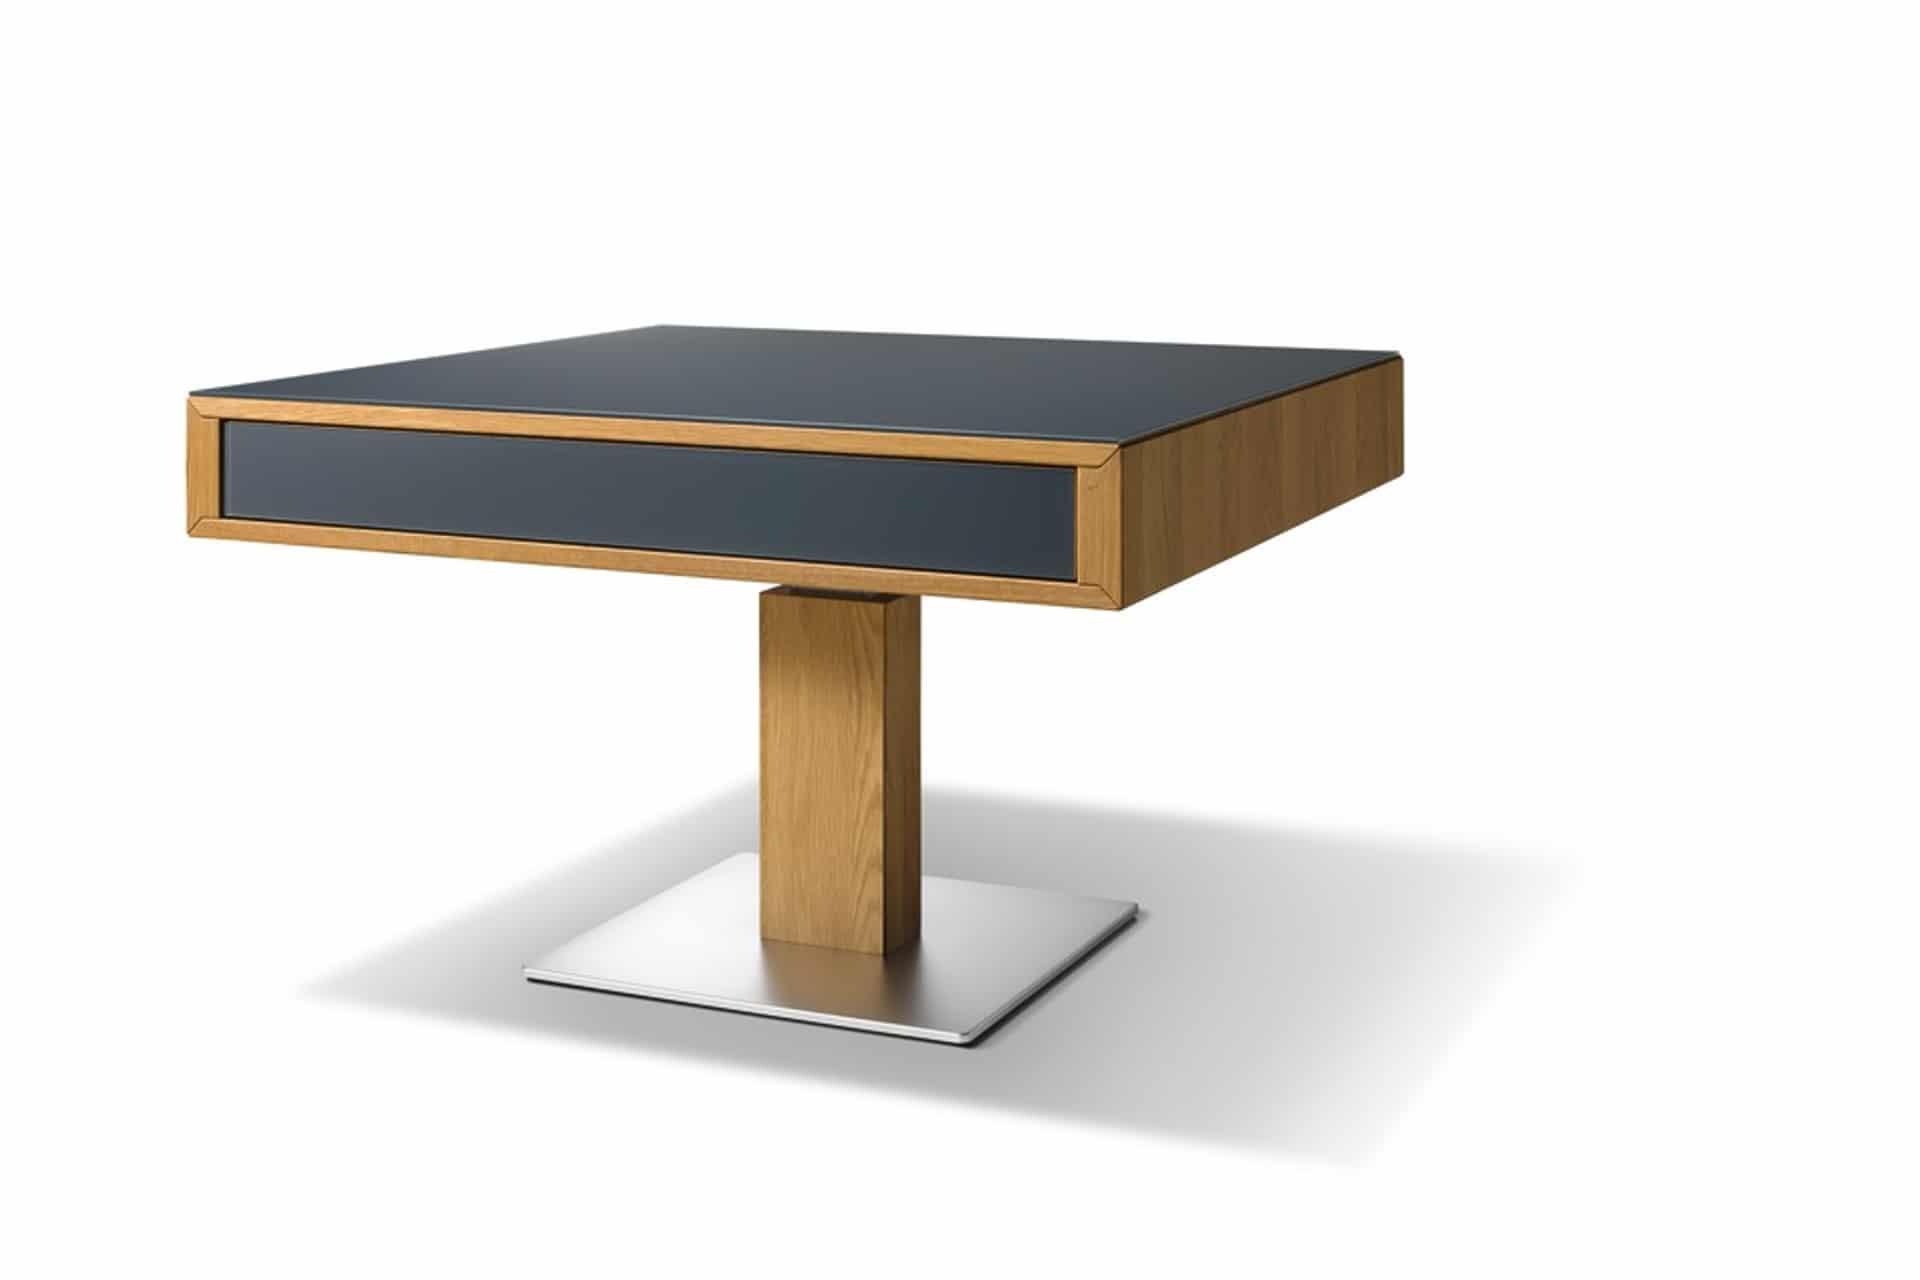 couchtisch lift moebel naab. Black Bedroom Furniture Sets. Home Design Ideas